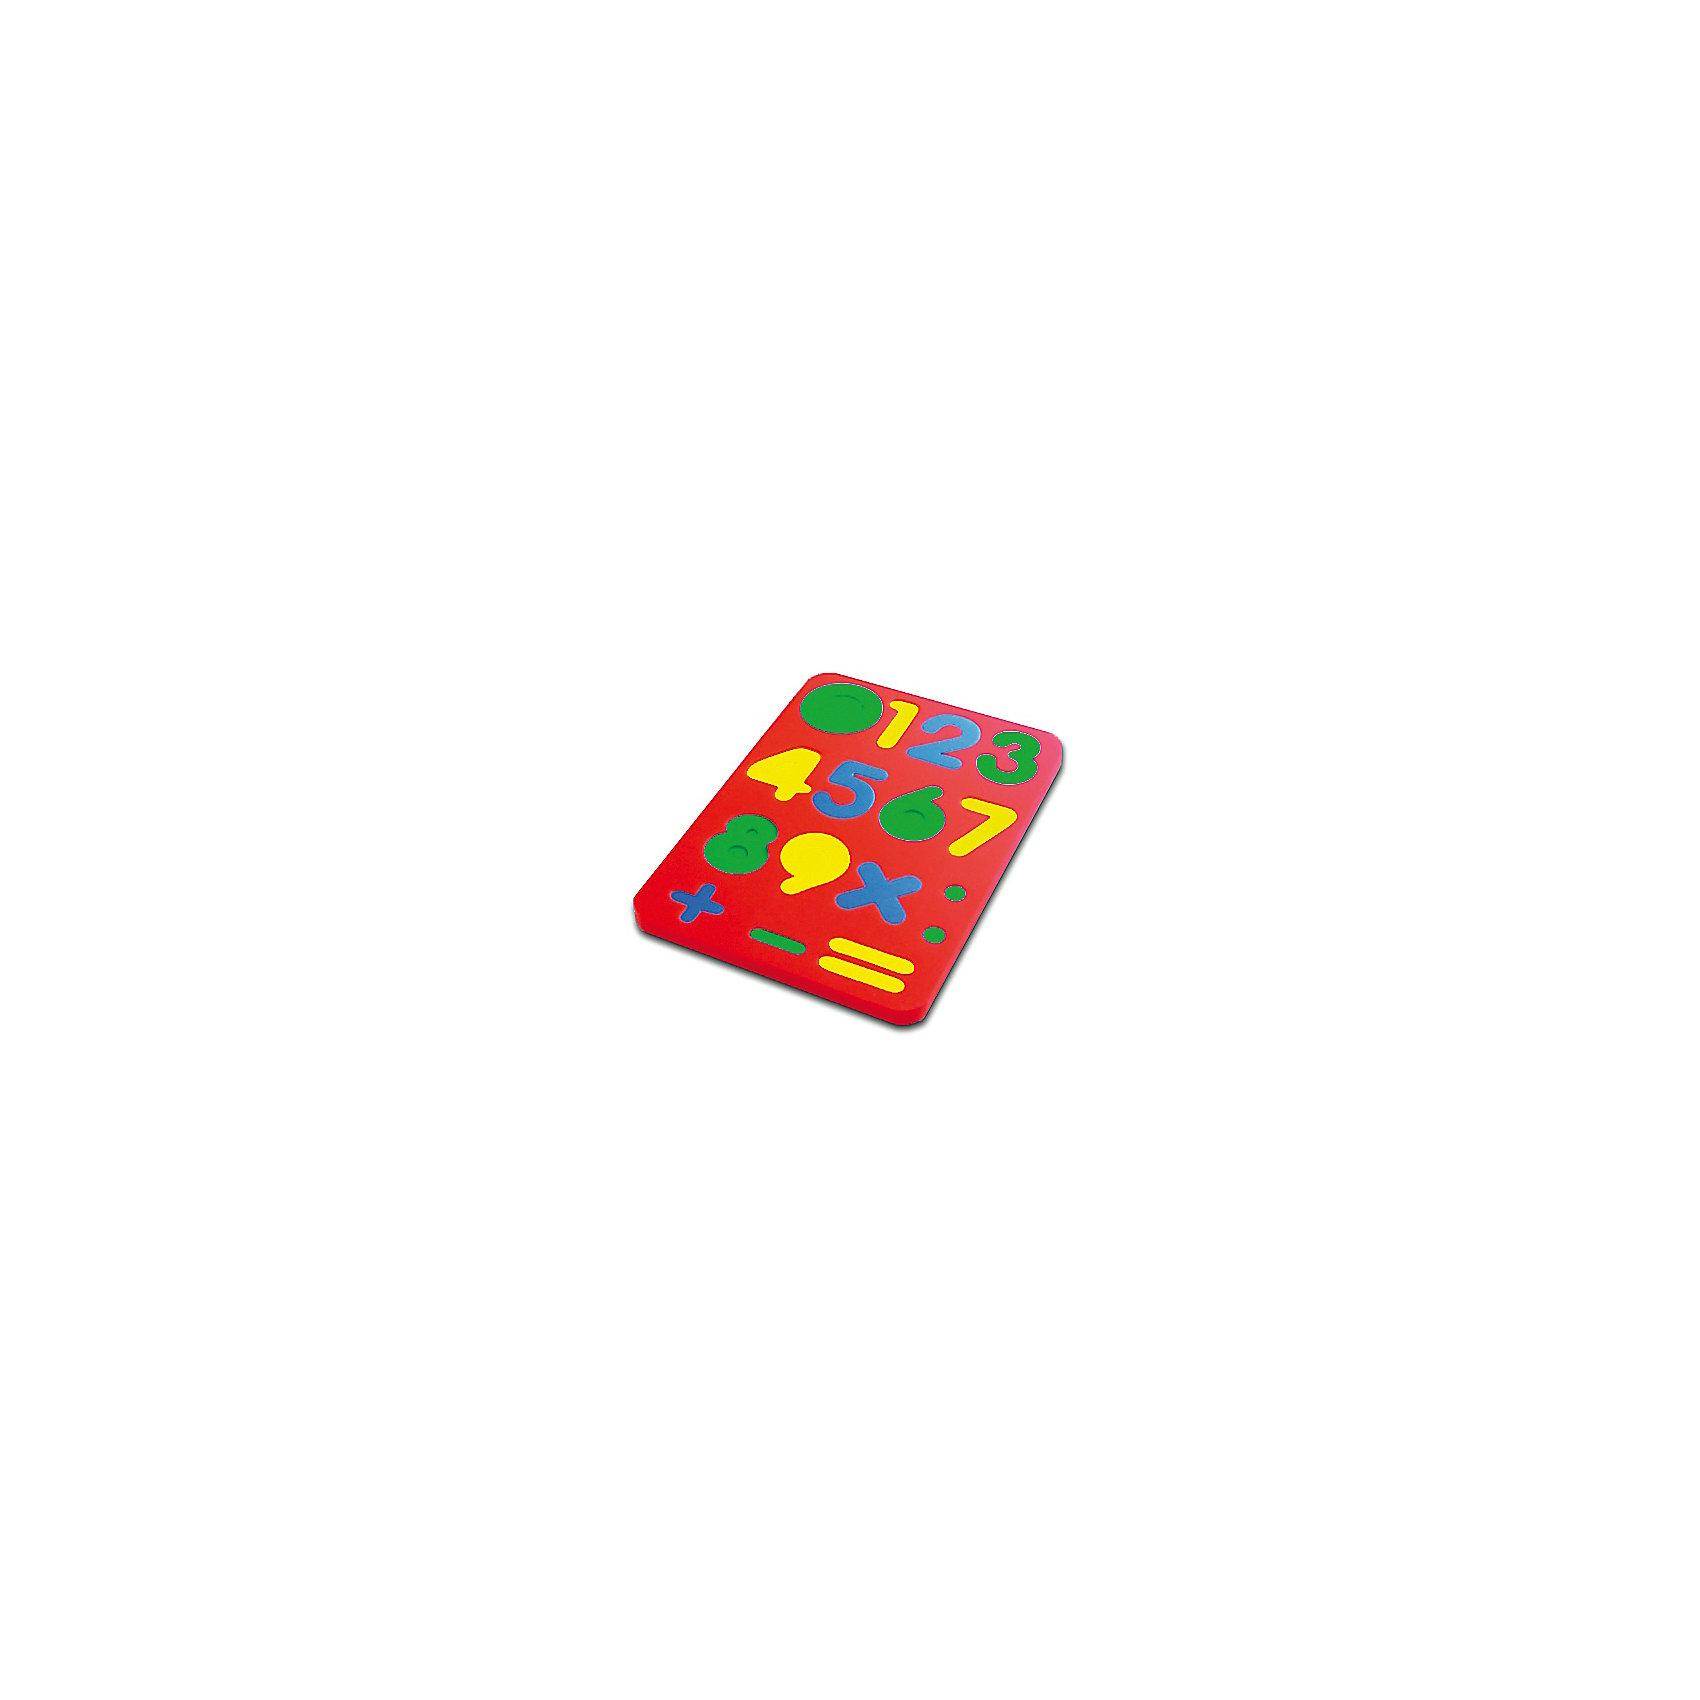 Цифры, Мир деревянных игрушекИзучать цифры можно в игровой форме! Специально для самых маленьких разработаны сортеры, сделанные из вспененного легкого приятного на ощупь материала. Вставляя цифры в рамки, малыш будет запоминать их, учиться соотносить фигуры, распознавать цвета, развивать пространственное мышление, память и мелкую моторику. Этот пазл произведен из качественных и безопасных для детей материалов.<br><br>Дополнительная информация:<br><br>цвет: разноцветный;<br>материал: вспененный полимер;<br>размер упаковки: 23 x 17 x 7 см.<br><br>Пазл Цифры от бренда Бомик можно купить в нашем магазине.<br><br>Ширина мм: 140<br>Глубина мм: 5<br>Высота мм: 205<br>Вес г: 357<br>Возраст от месяцев: 36<br>Возраст до месяцев: 84<br>Пол: Унисекс<br>Возраст: Детский<br>SKU: 4968997